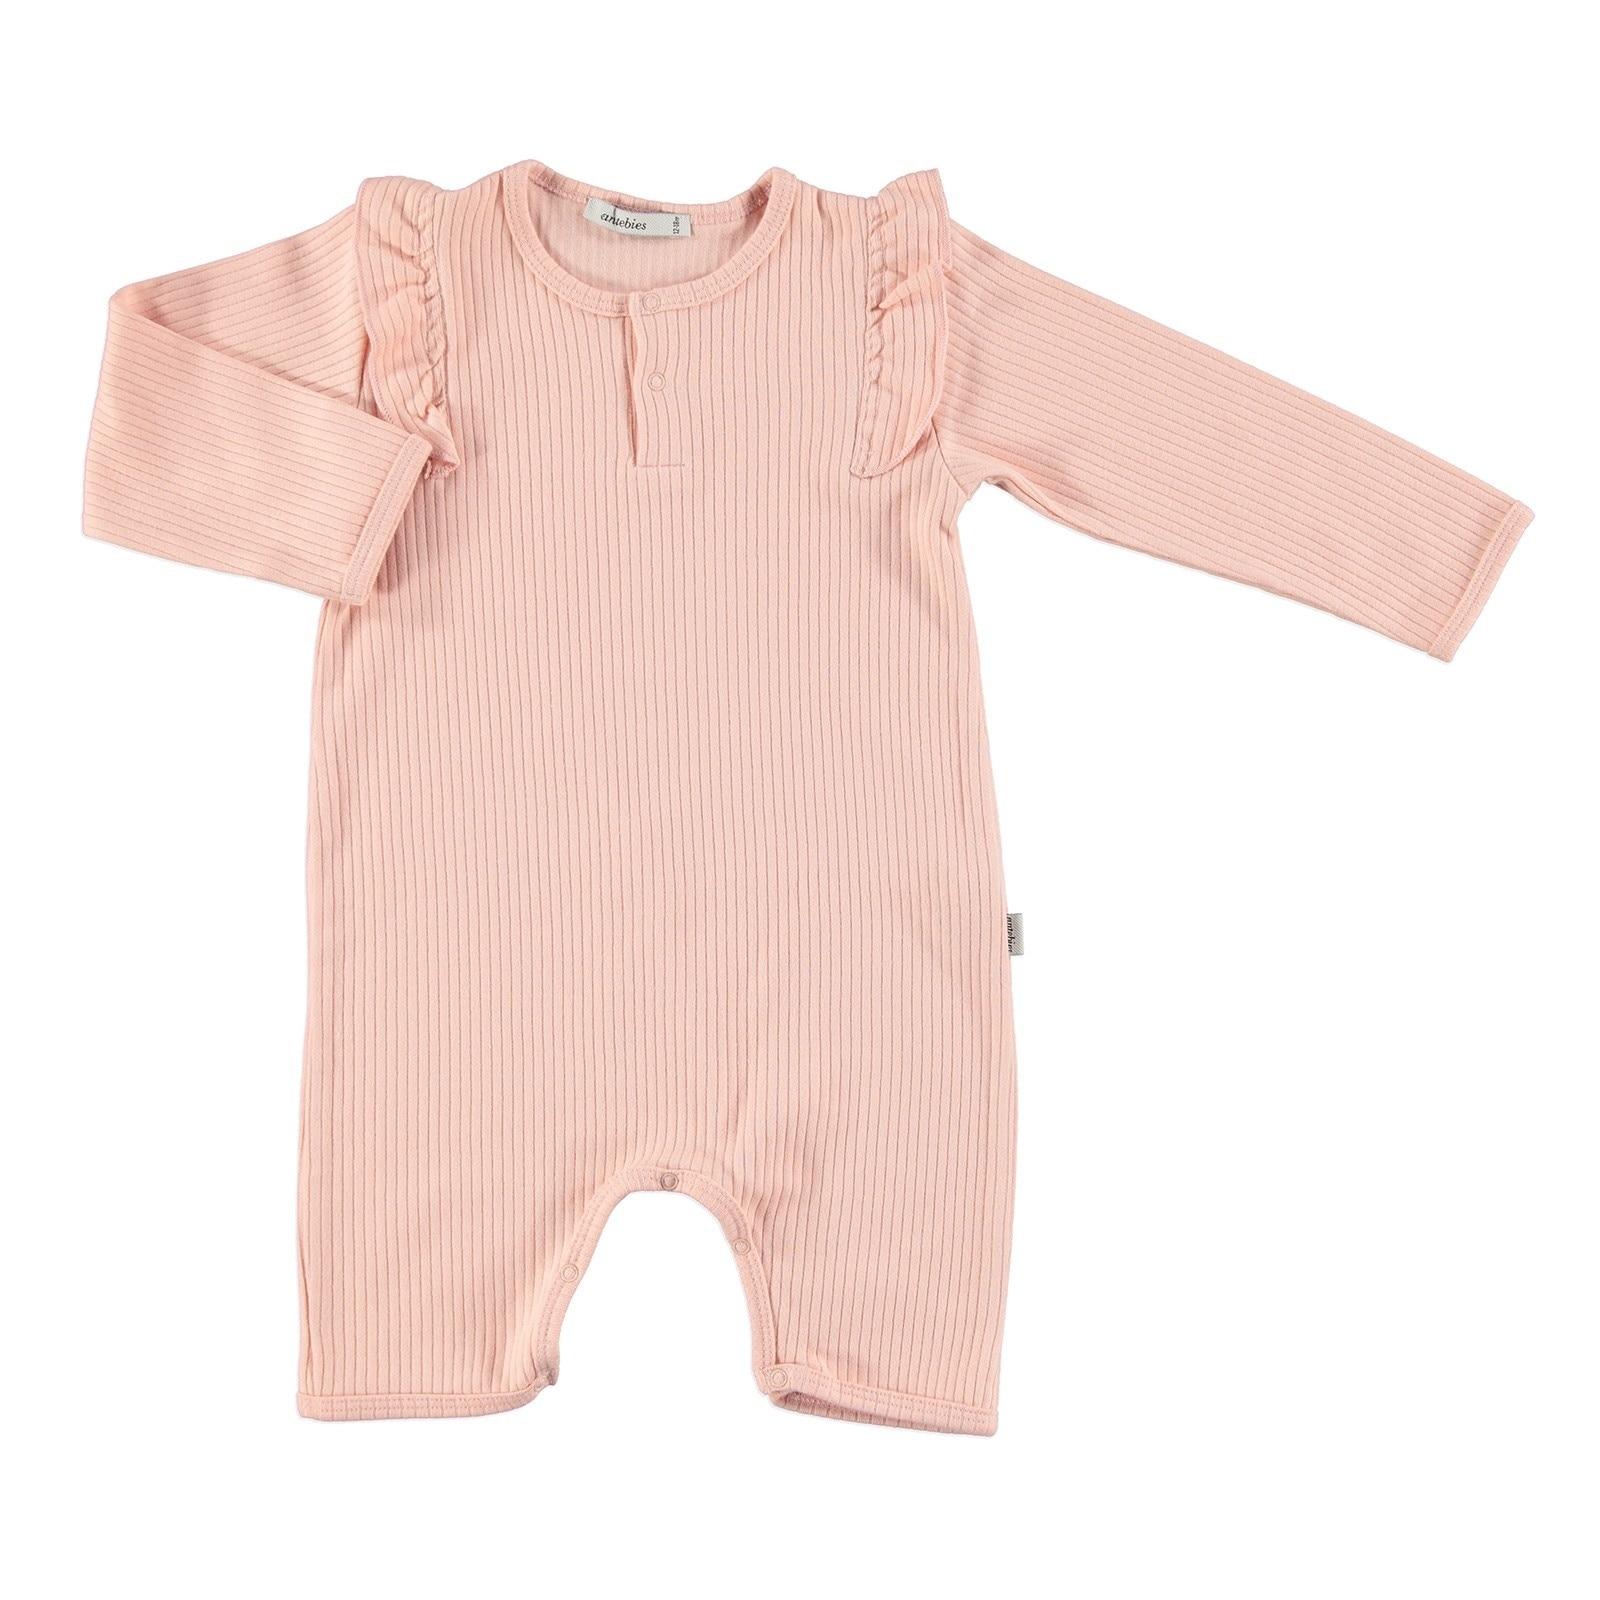 Ebebek Antebies Baby Organic Pink Reported Rib Footless Romper